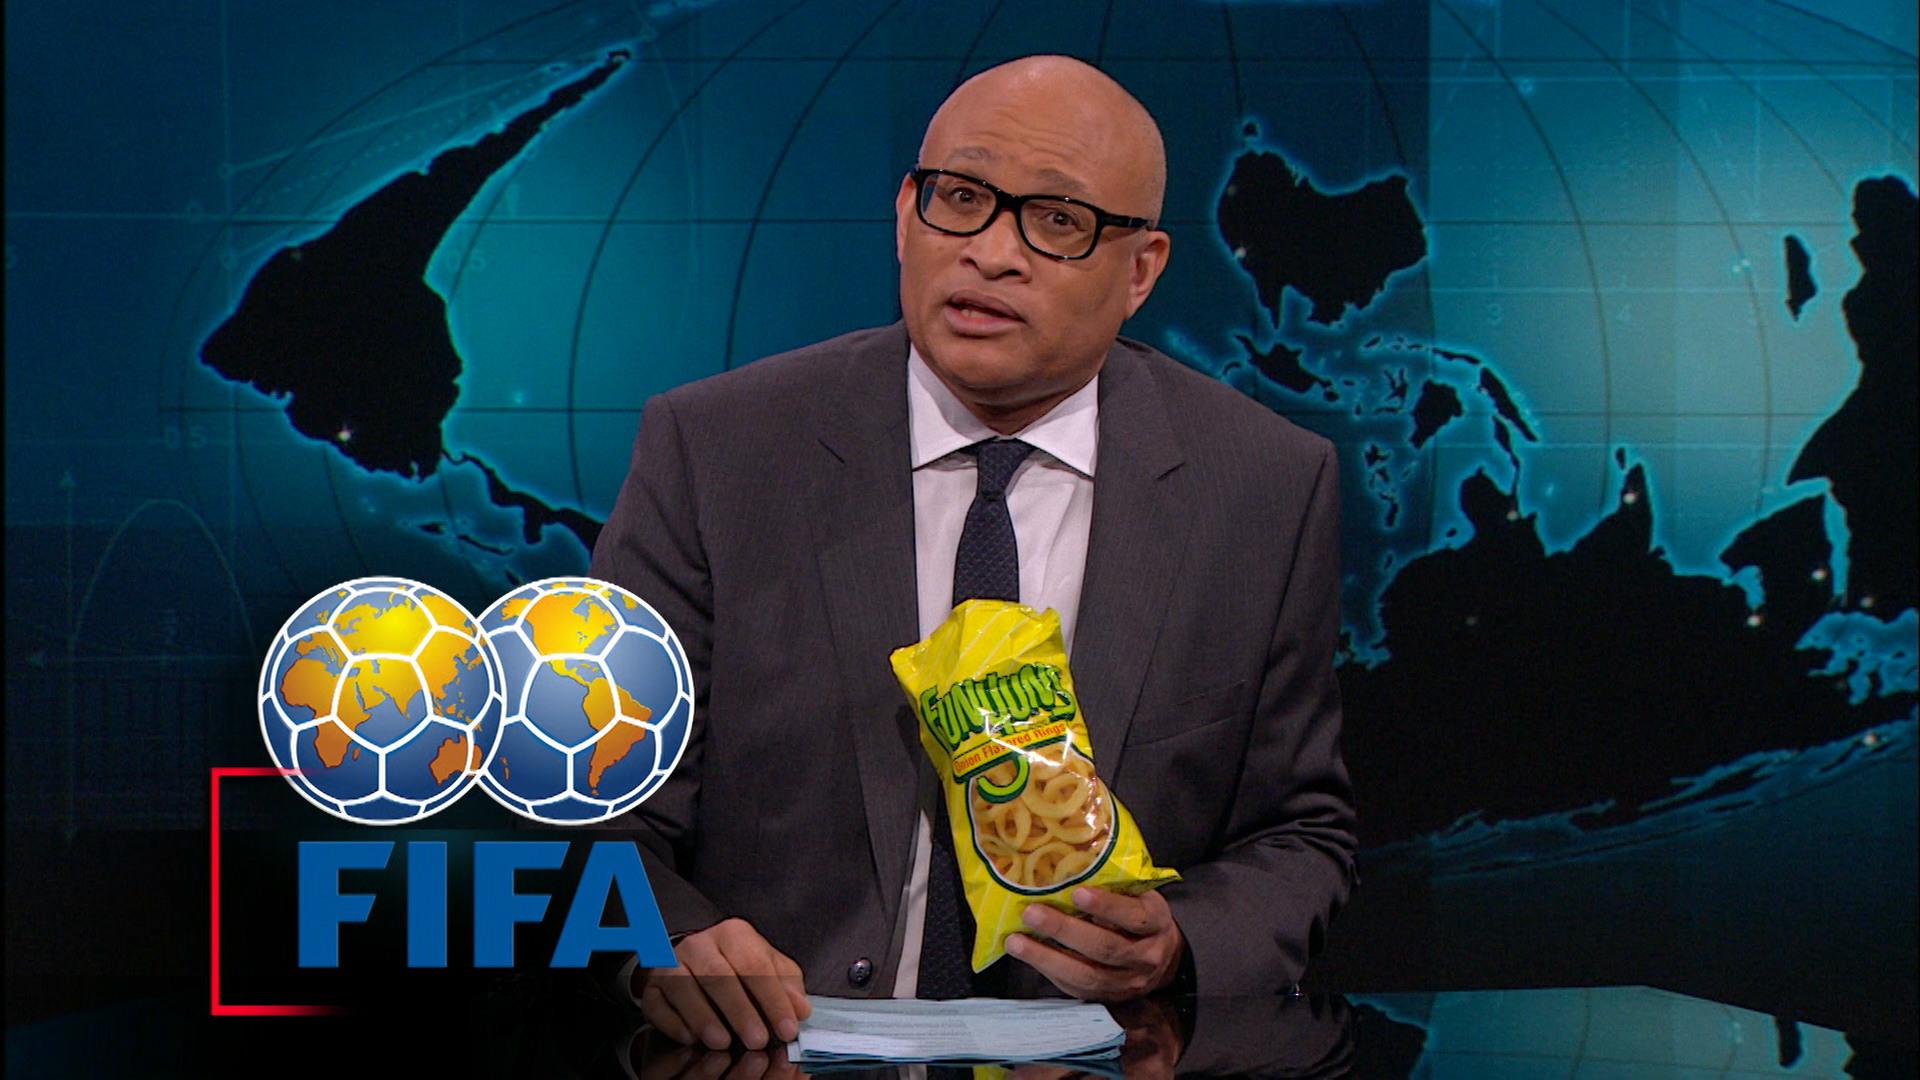 May 28, 2015 - FIFA Scandal &